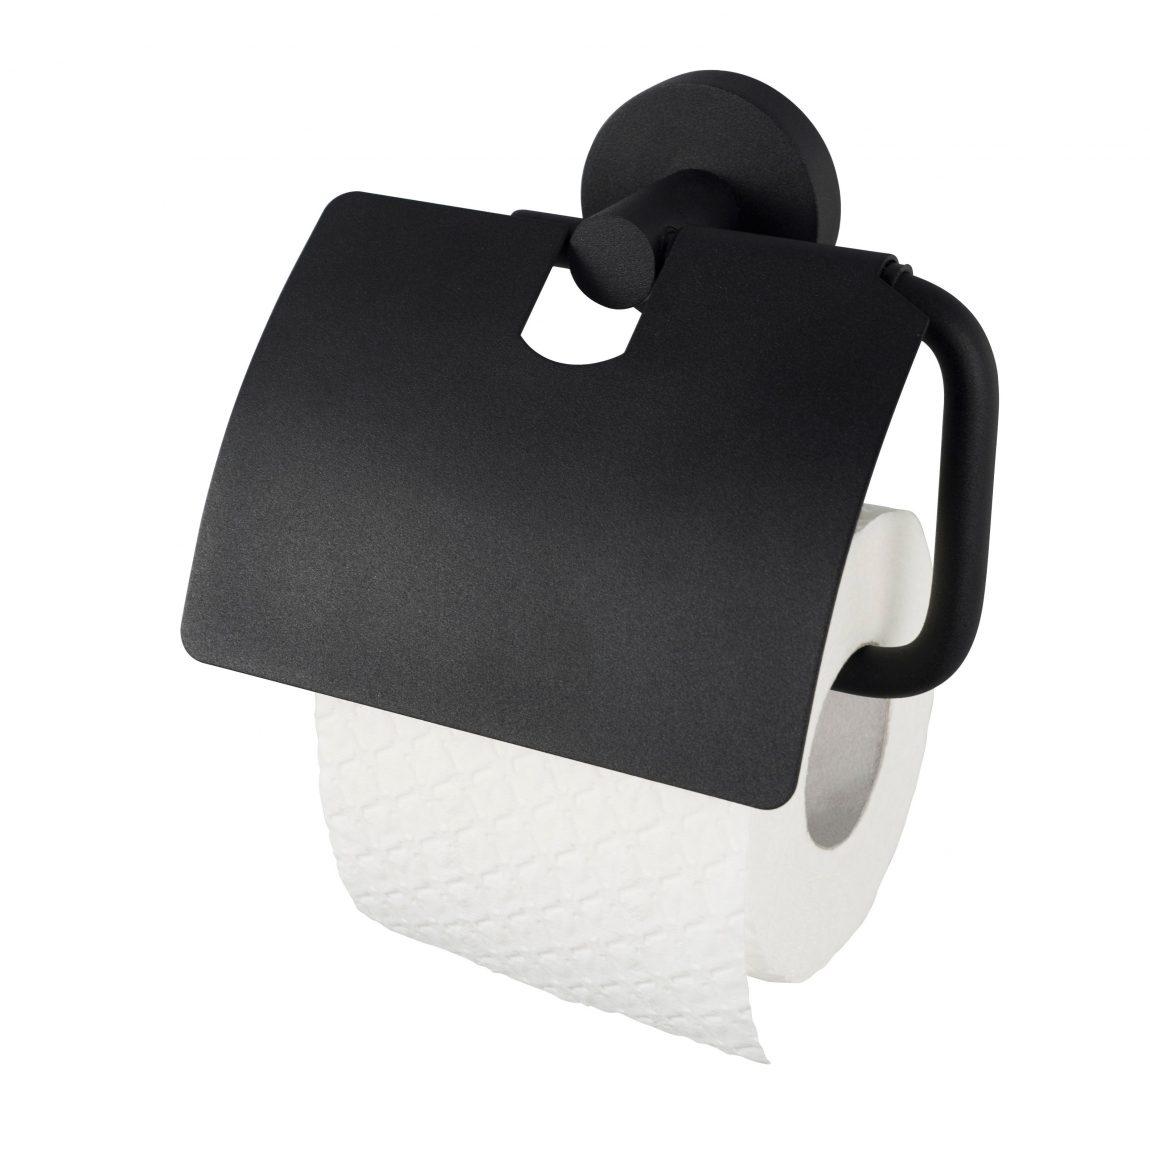 haceka-kosmos-toiletrolhouder-met-klep